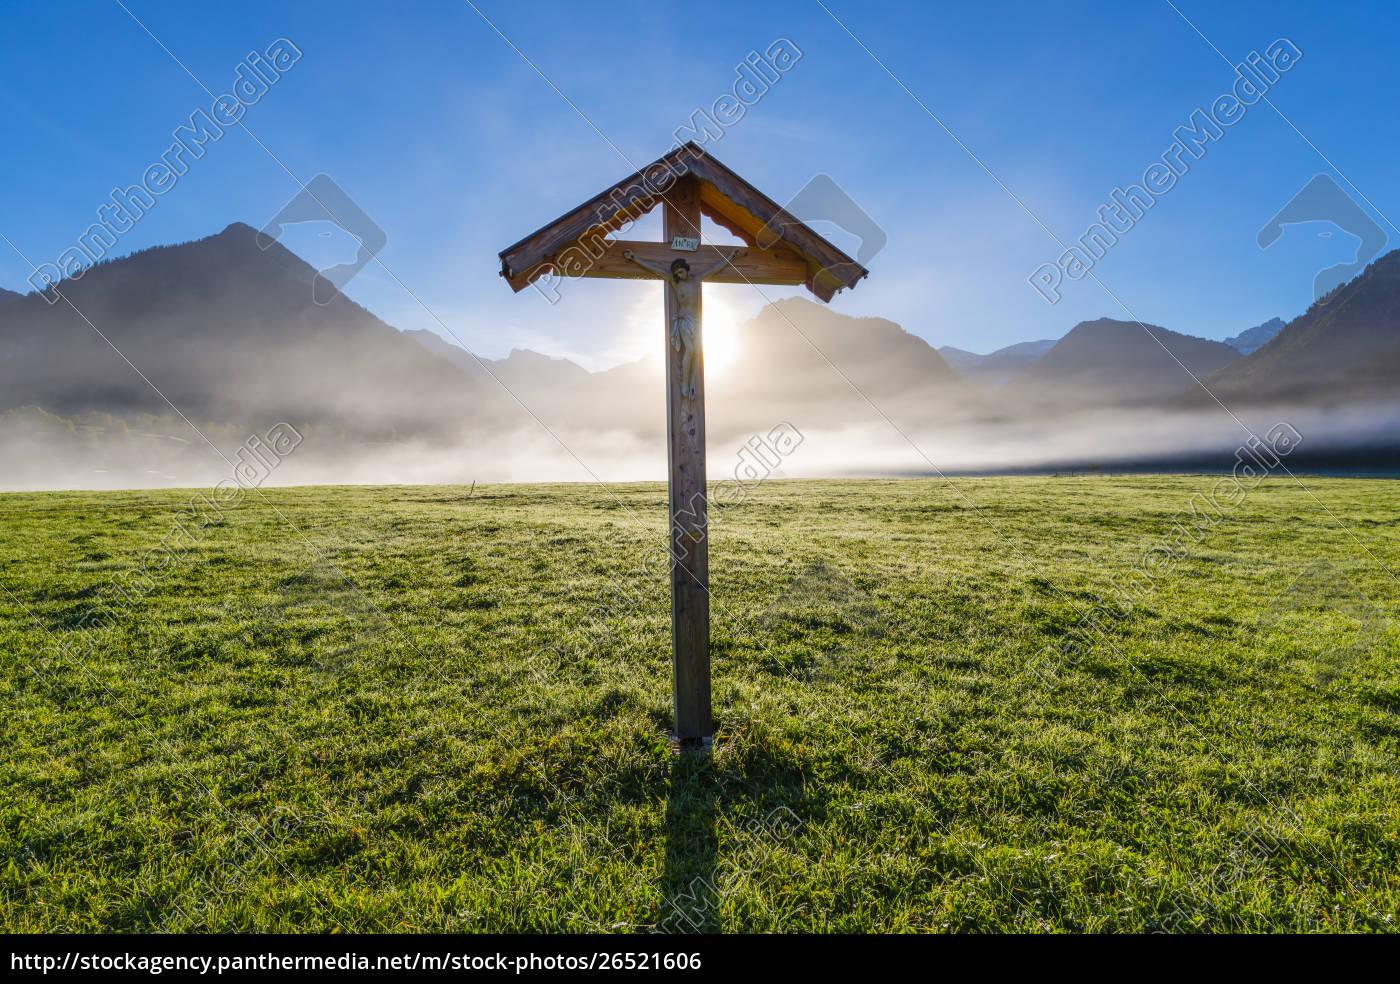 deutschland, bayern, allgäu, allgäuer, alpen, lorettowiese, bei, oberstdorf, feldkreuz, gegen, morgensonne - 26521606